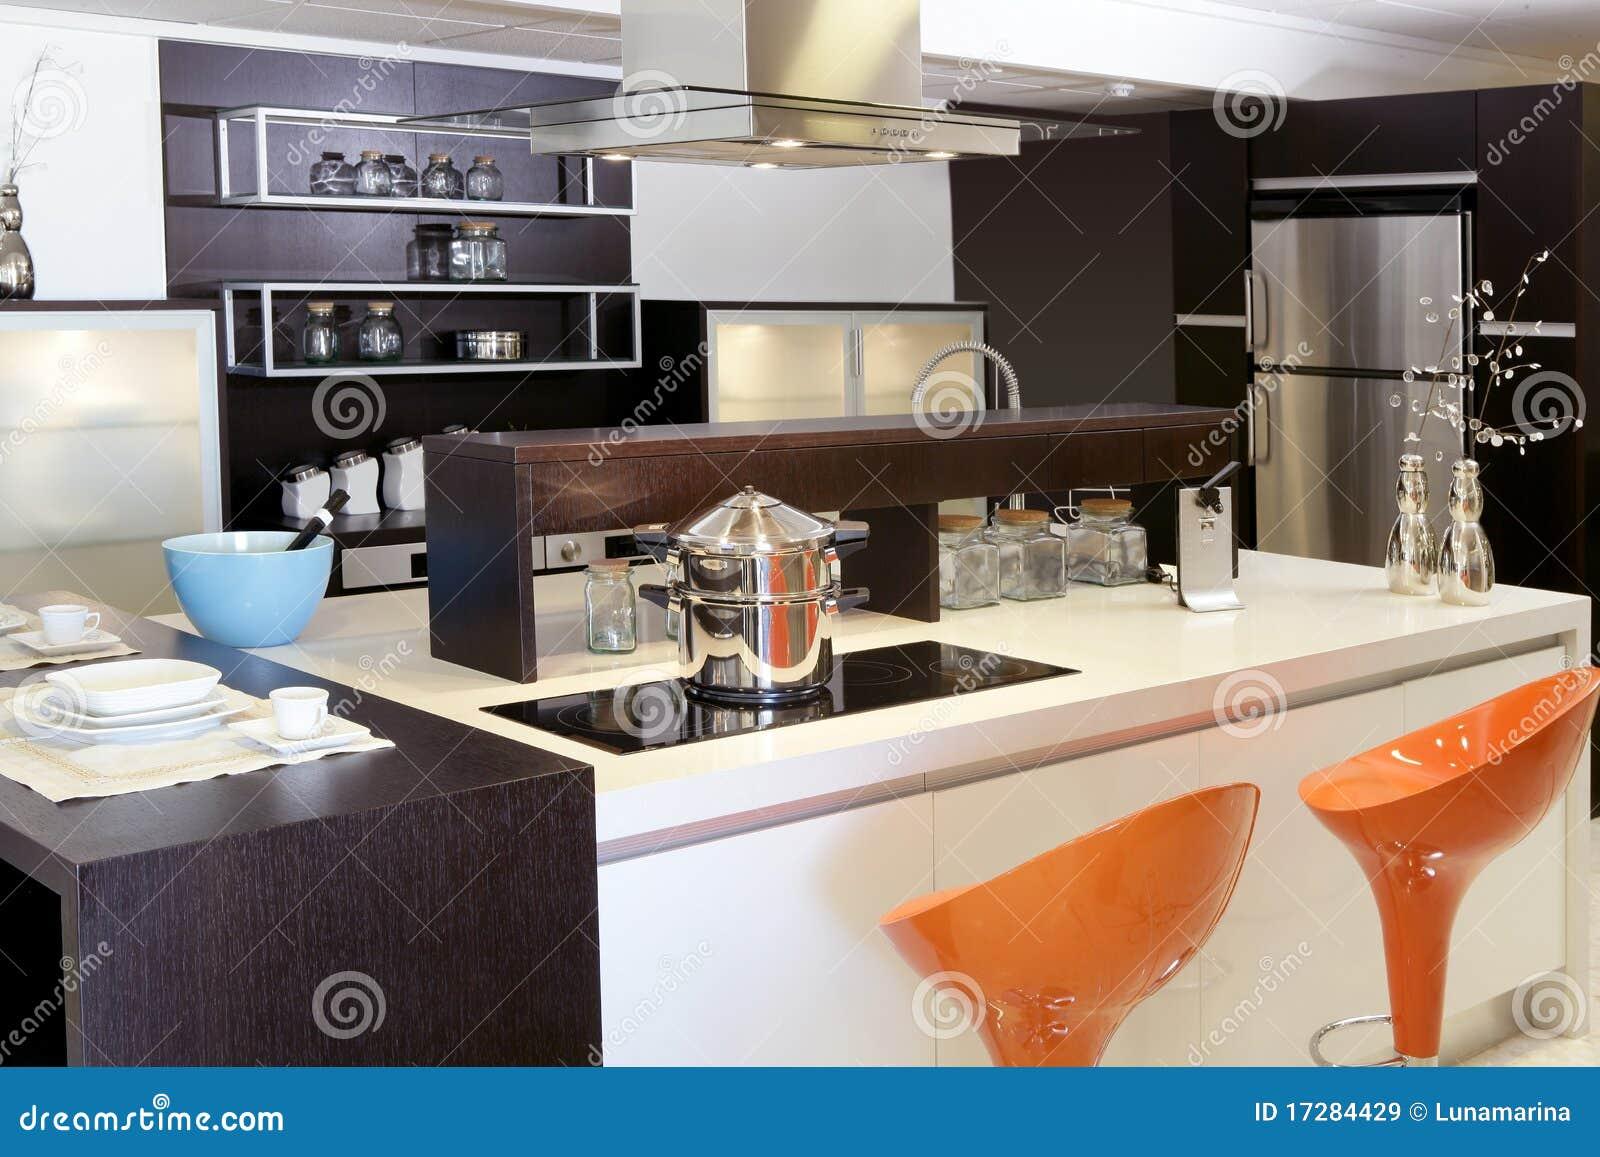 Bruin meubilair keuken inspiratie het beste interieur - Center meubilair keuken ...